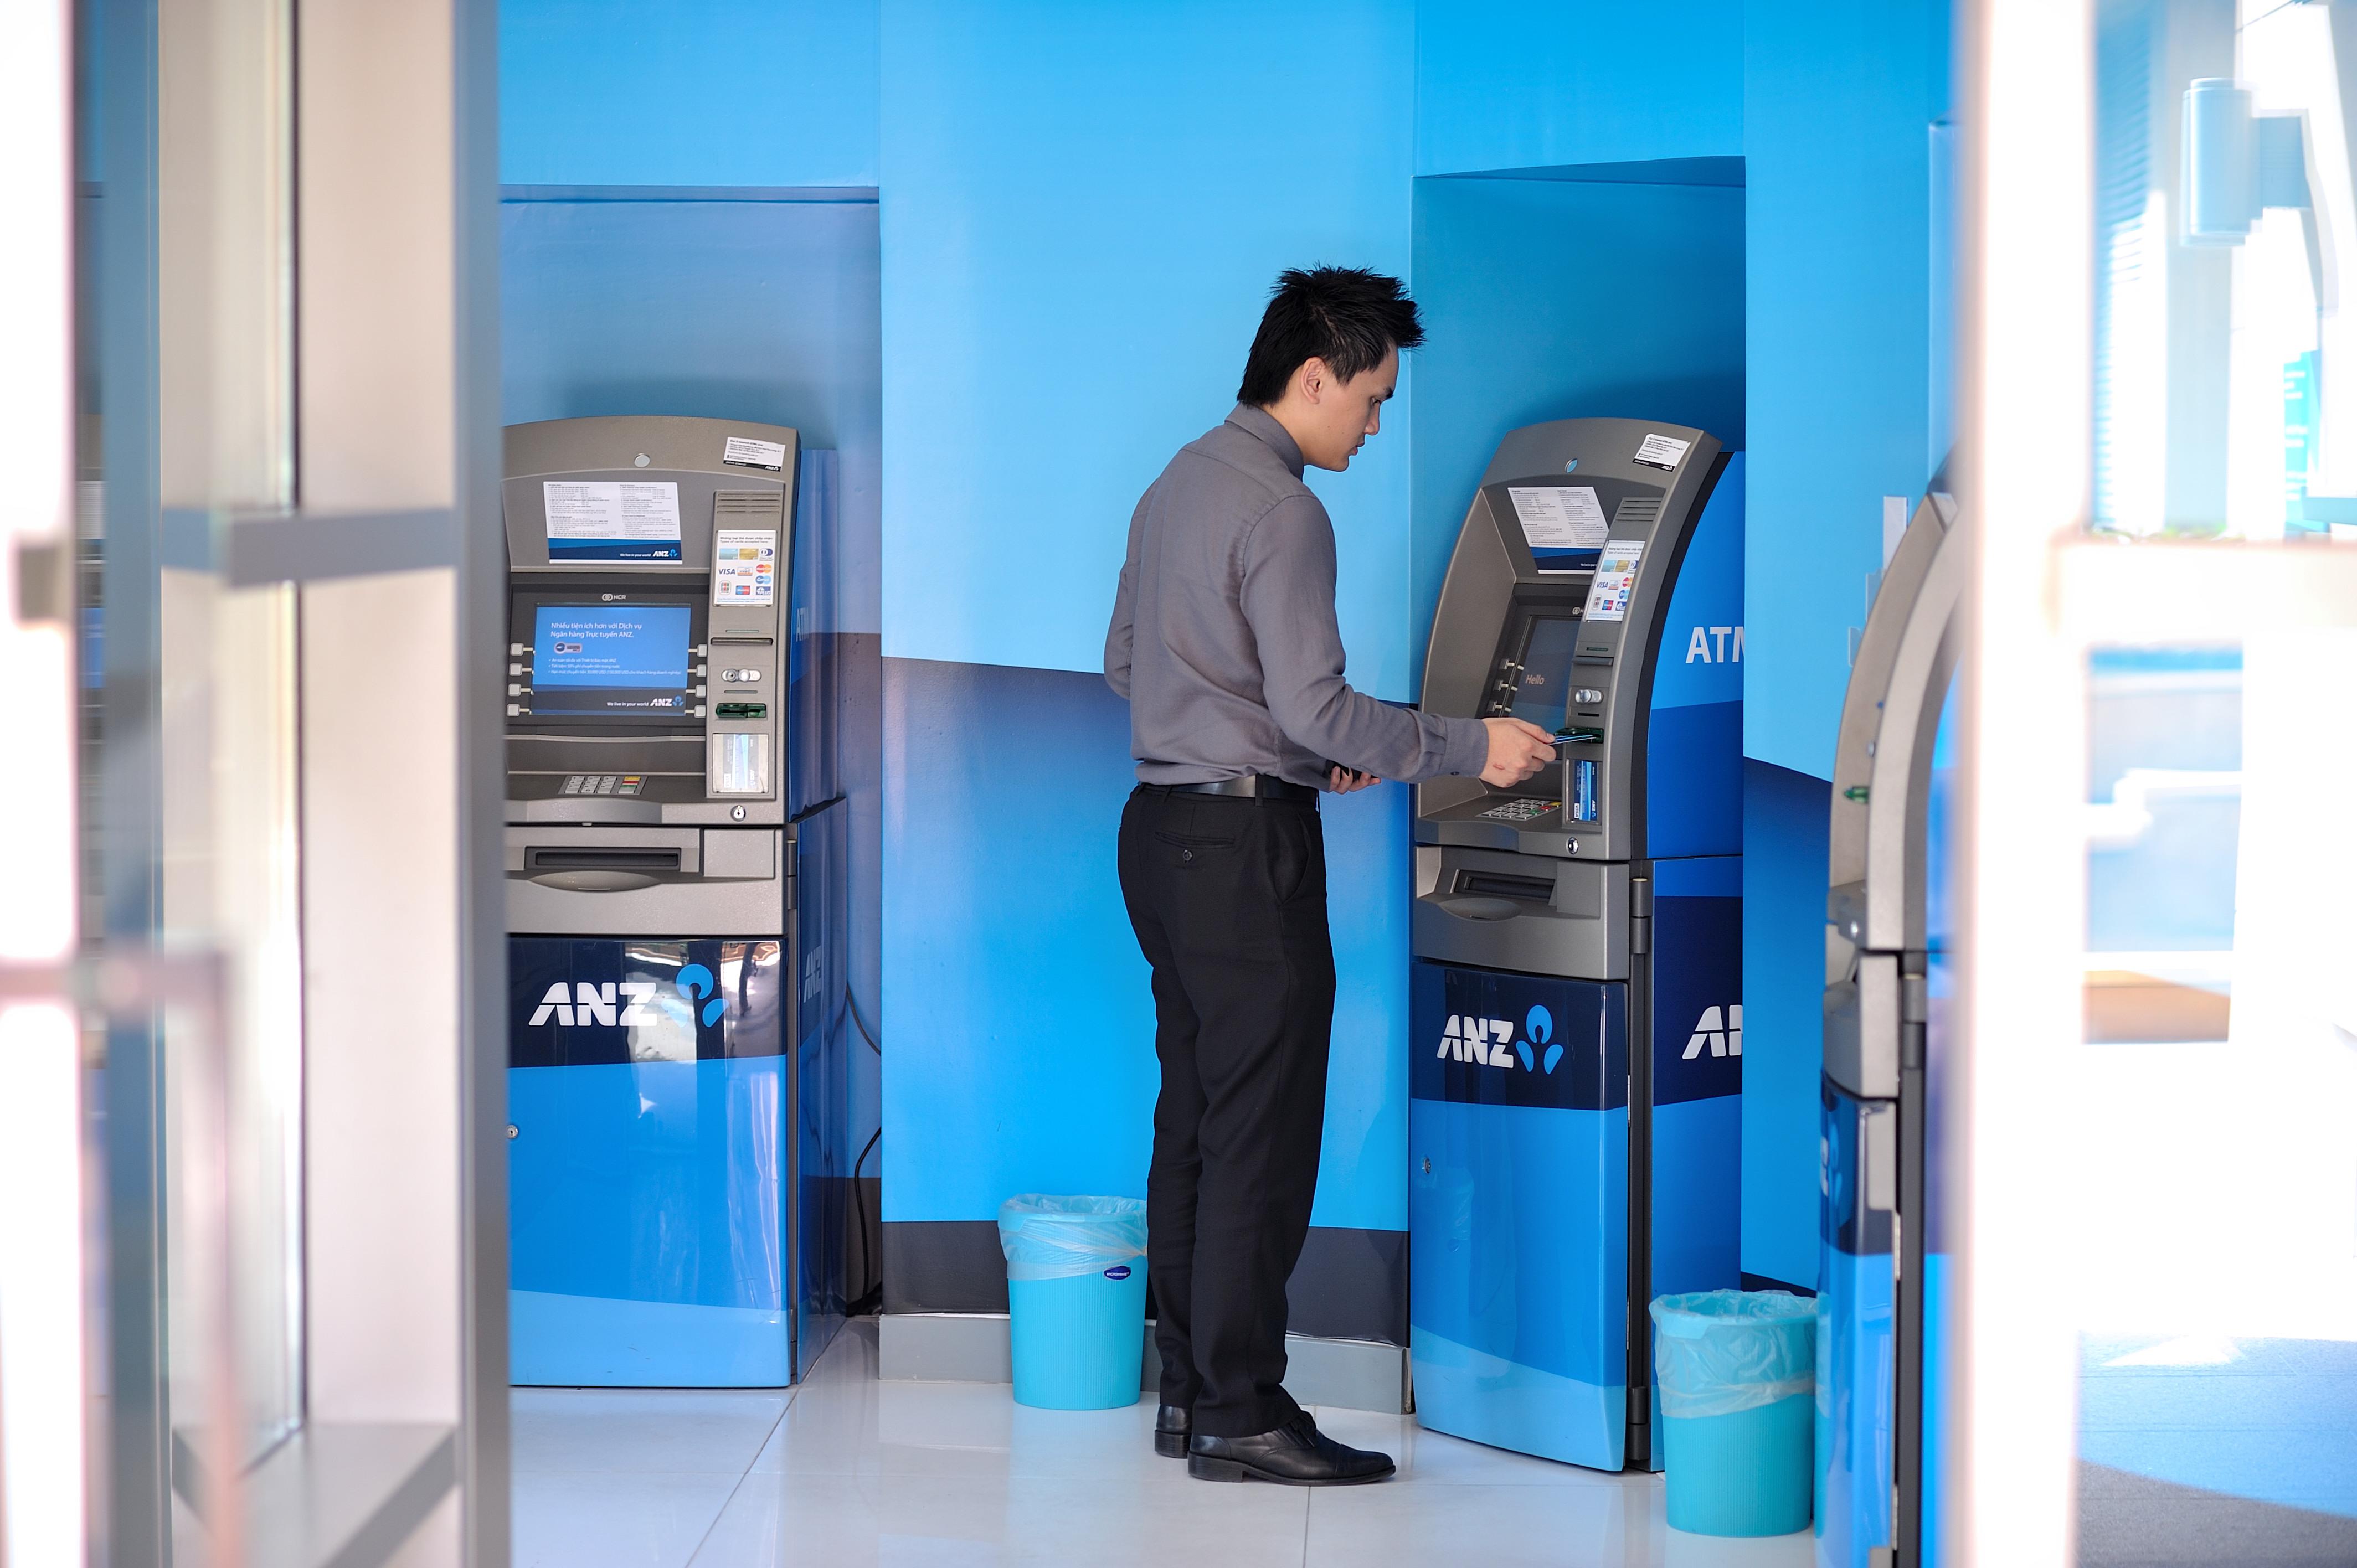 Tại một cây ATM bạn có thể tìm địa chỉ của các cây ATM cùng hãng khác